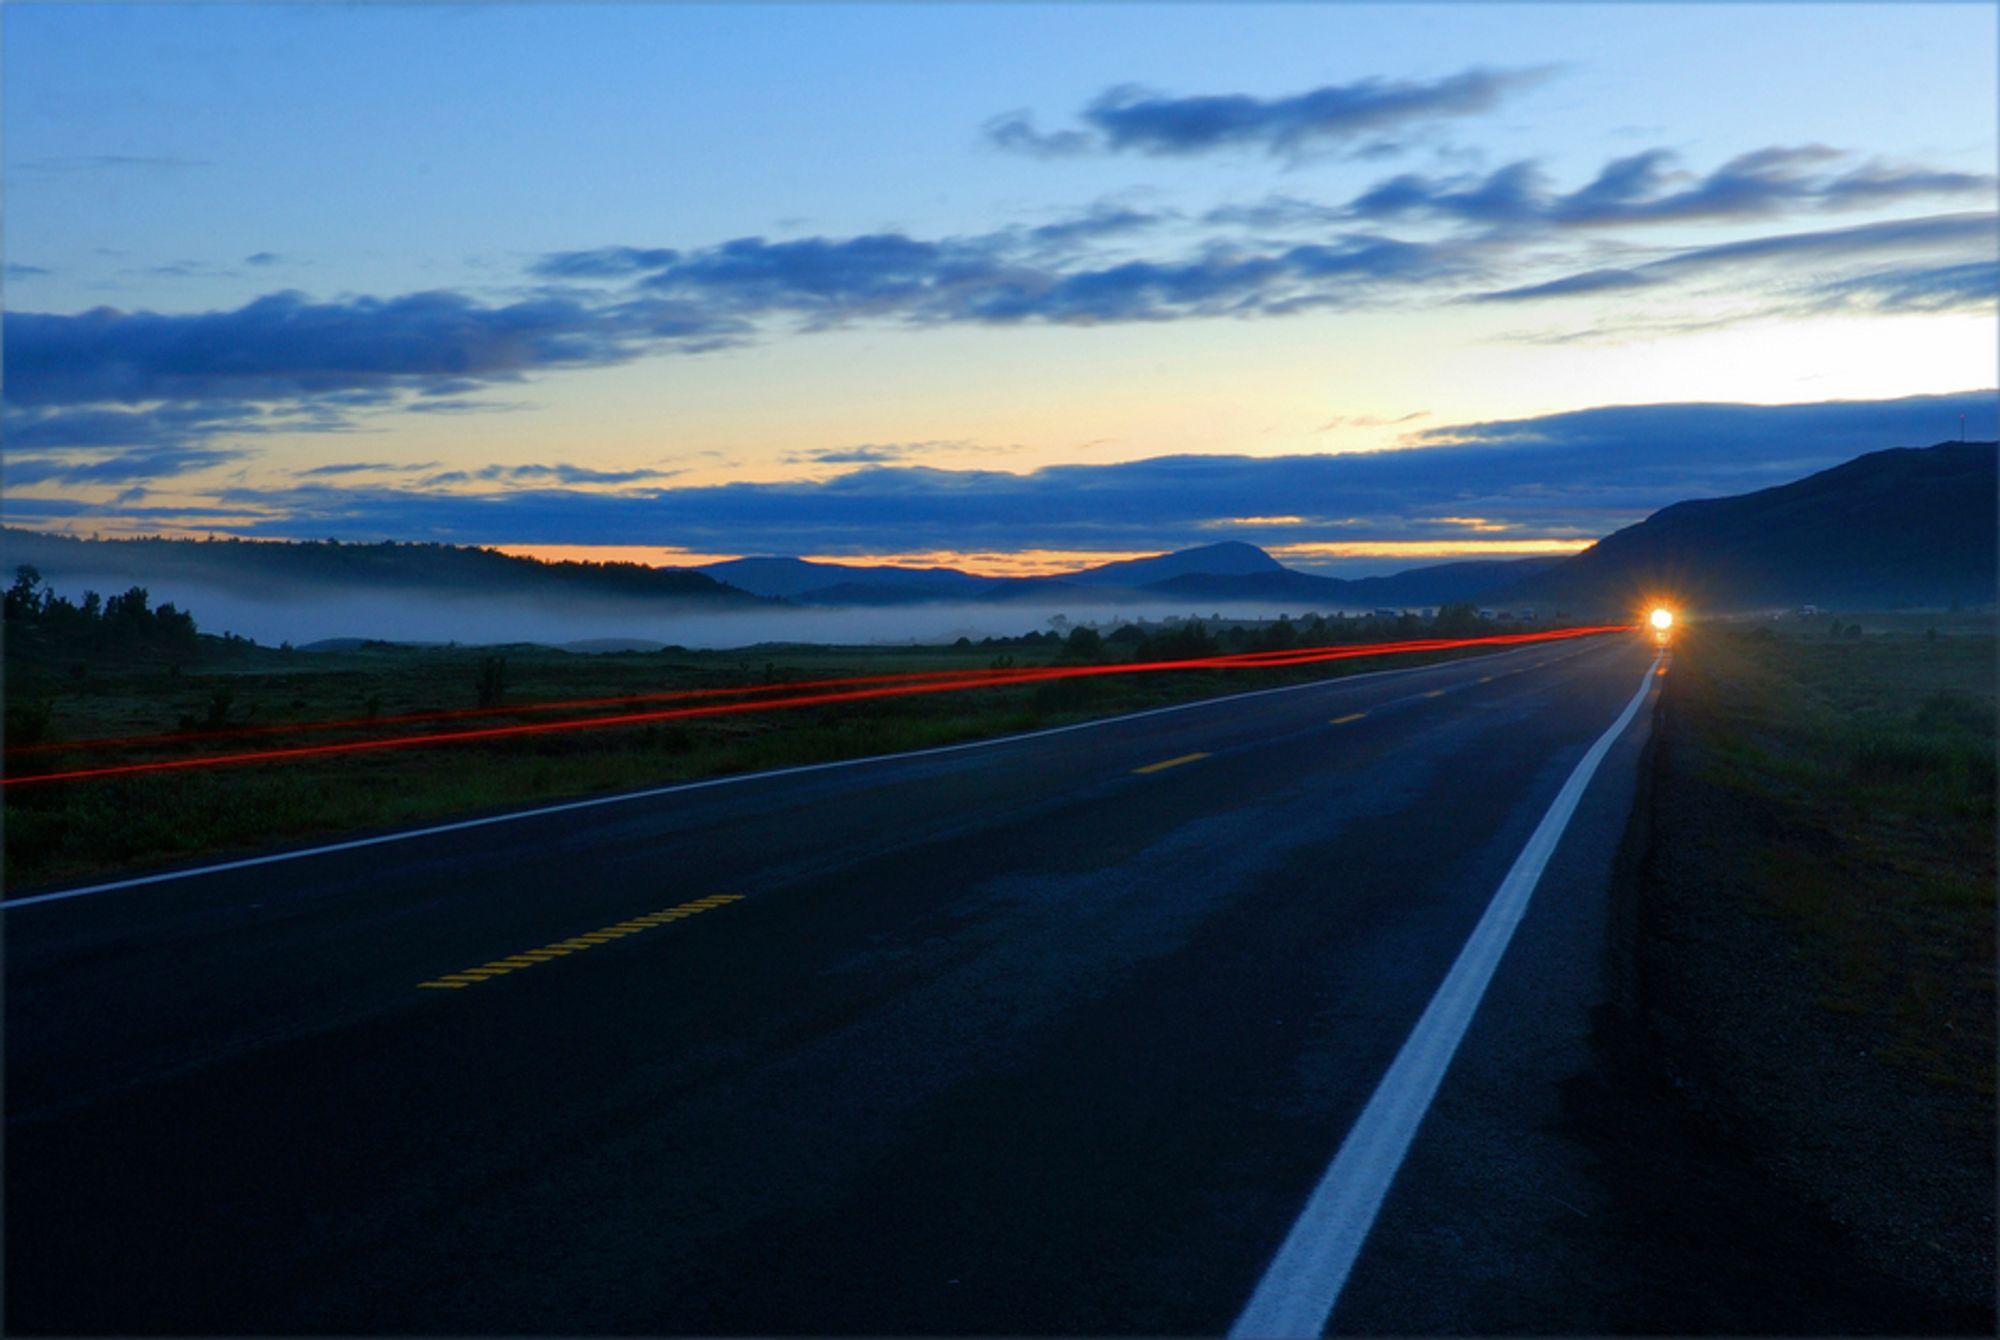 Utviklingskontrakt, kaller Statens vegvesen modellen som skal brukes på E6 i Nordland.